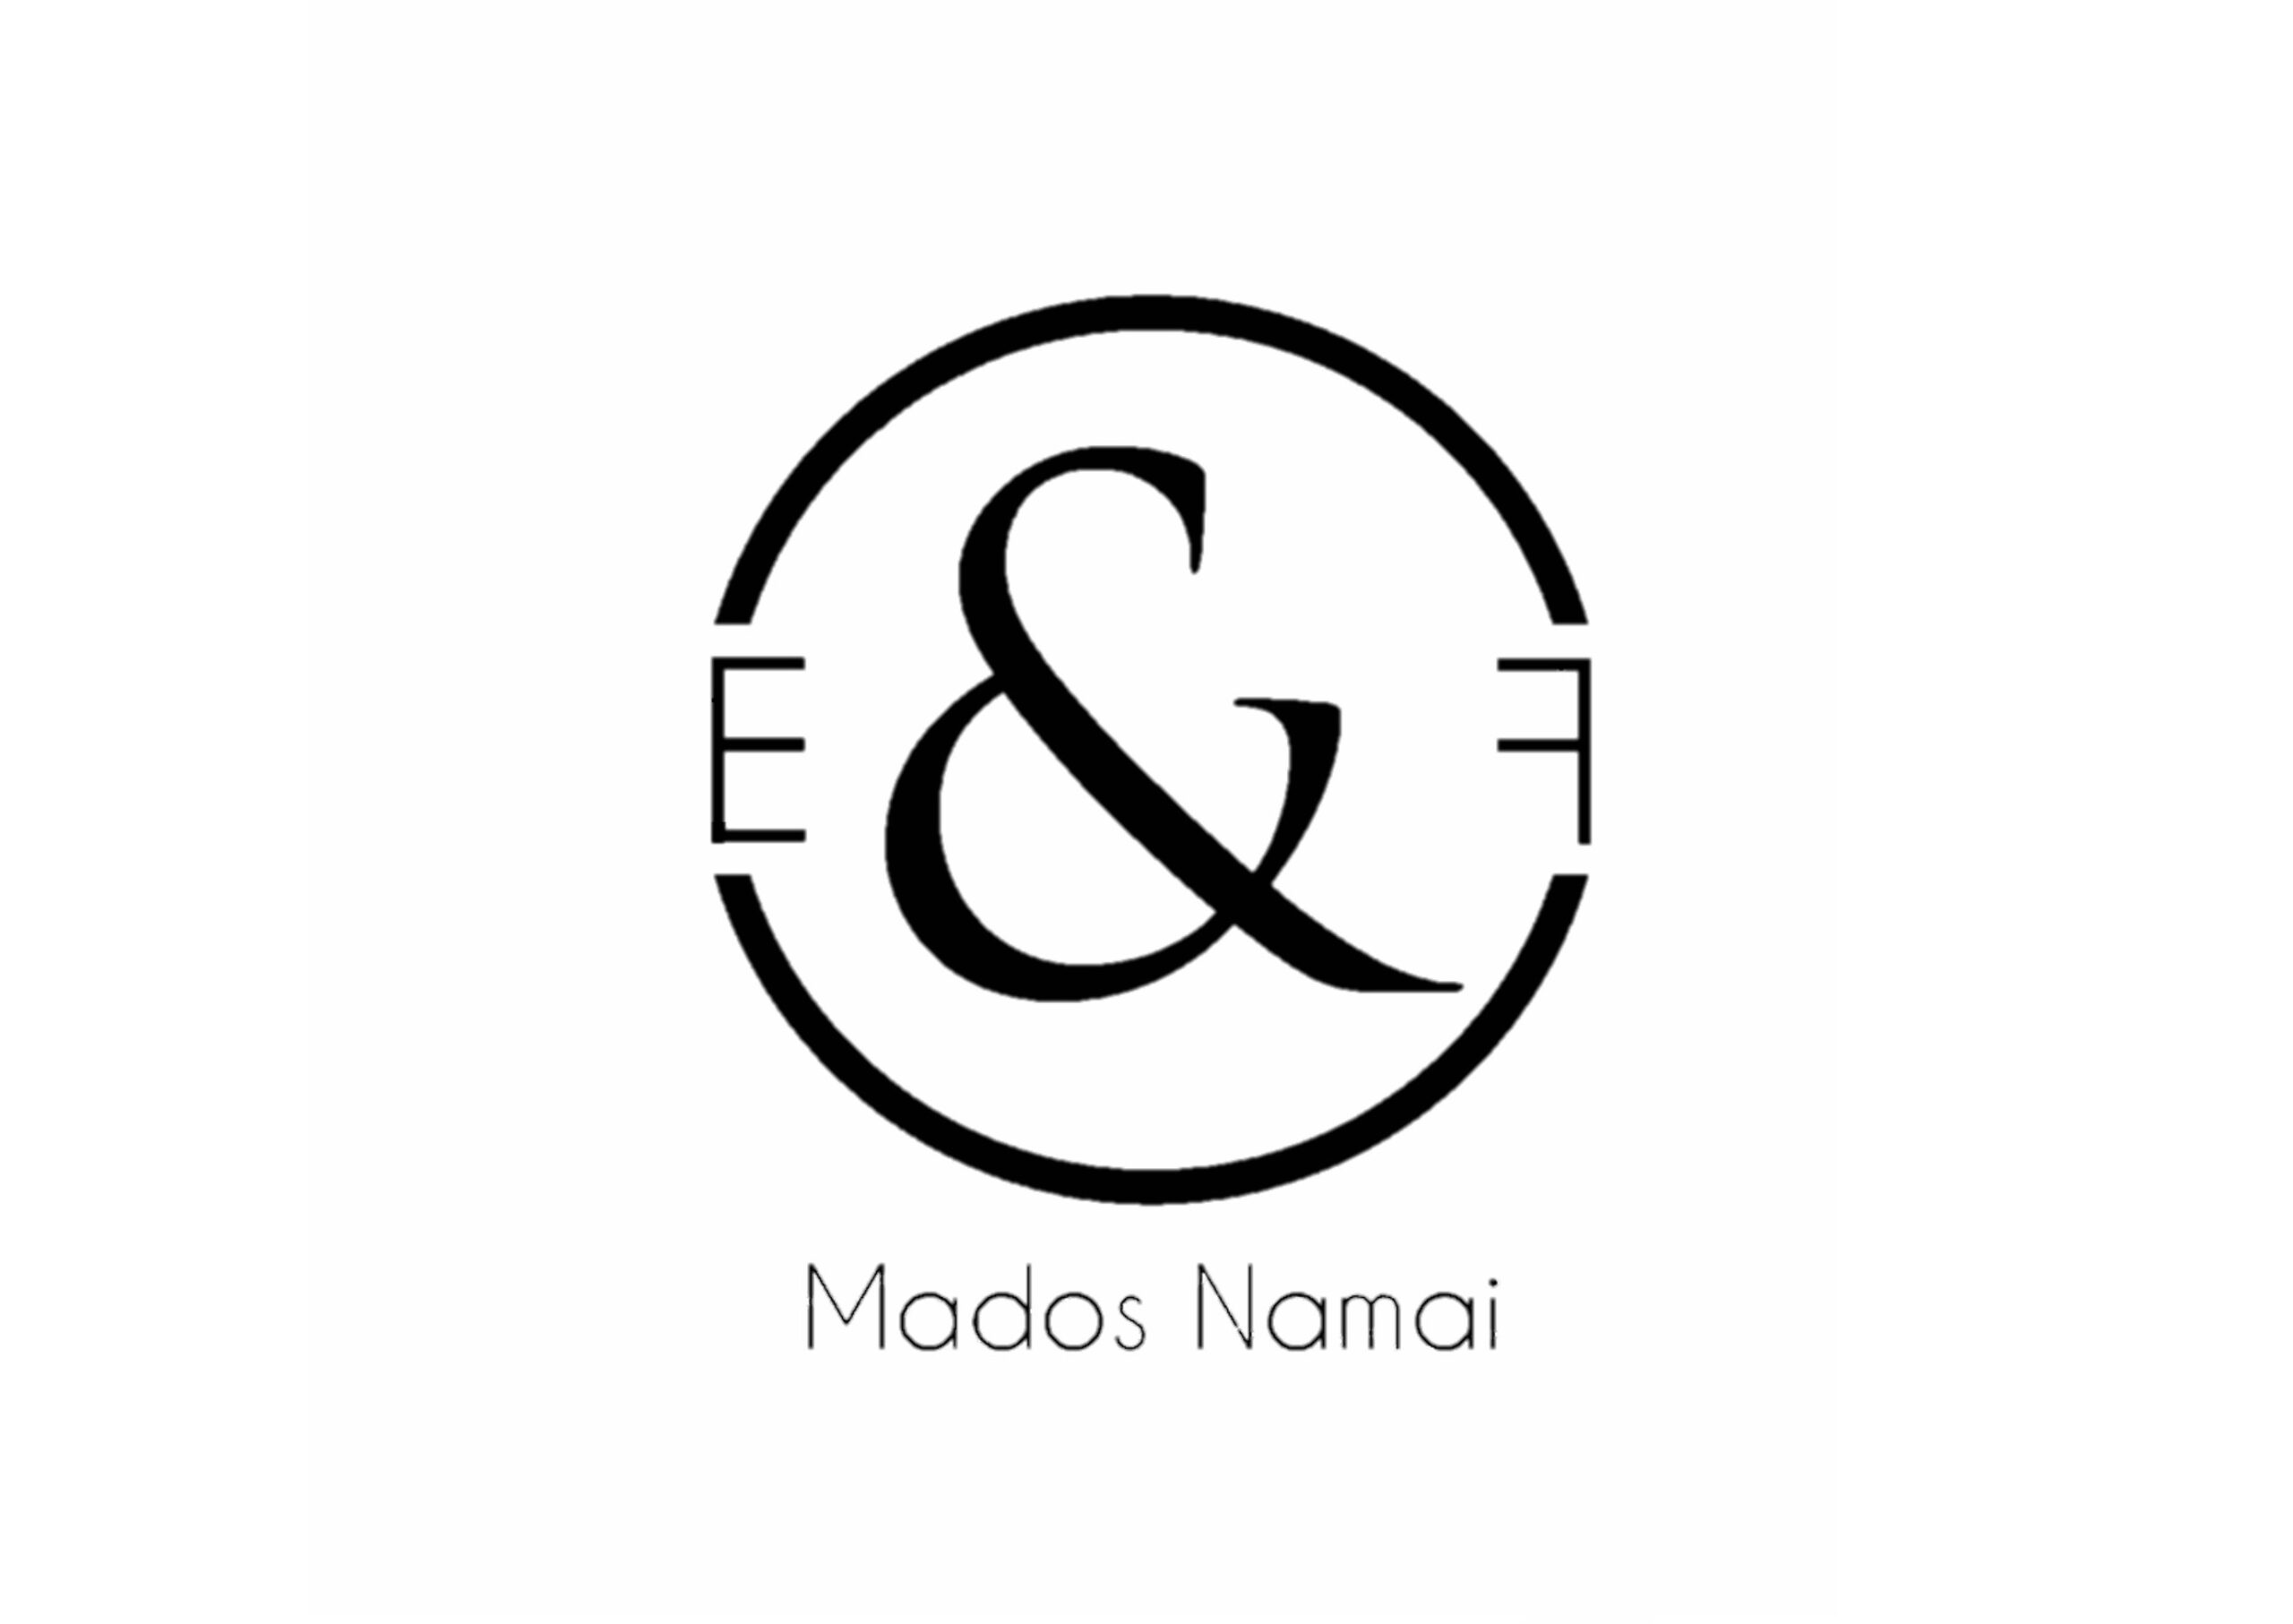 E&F Mados Namai